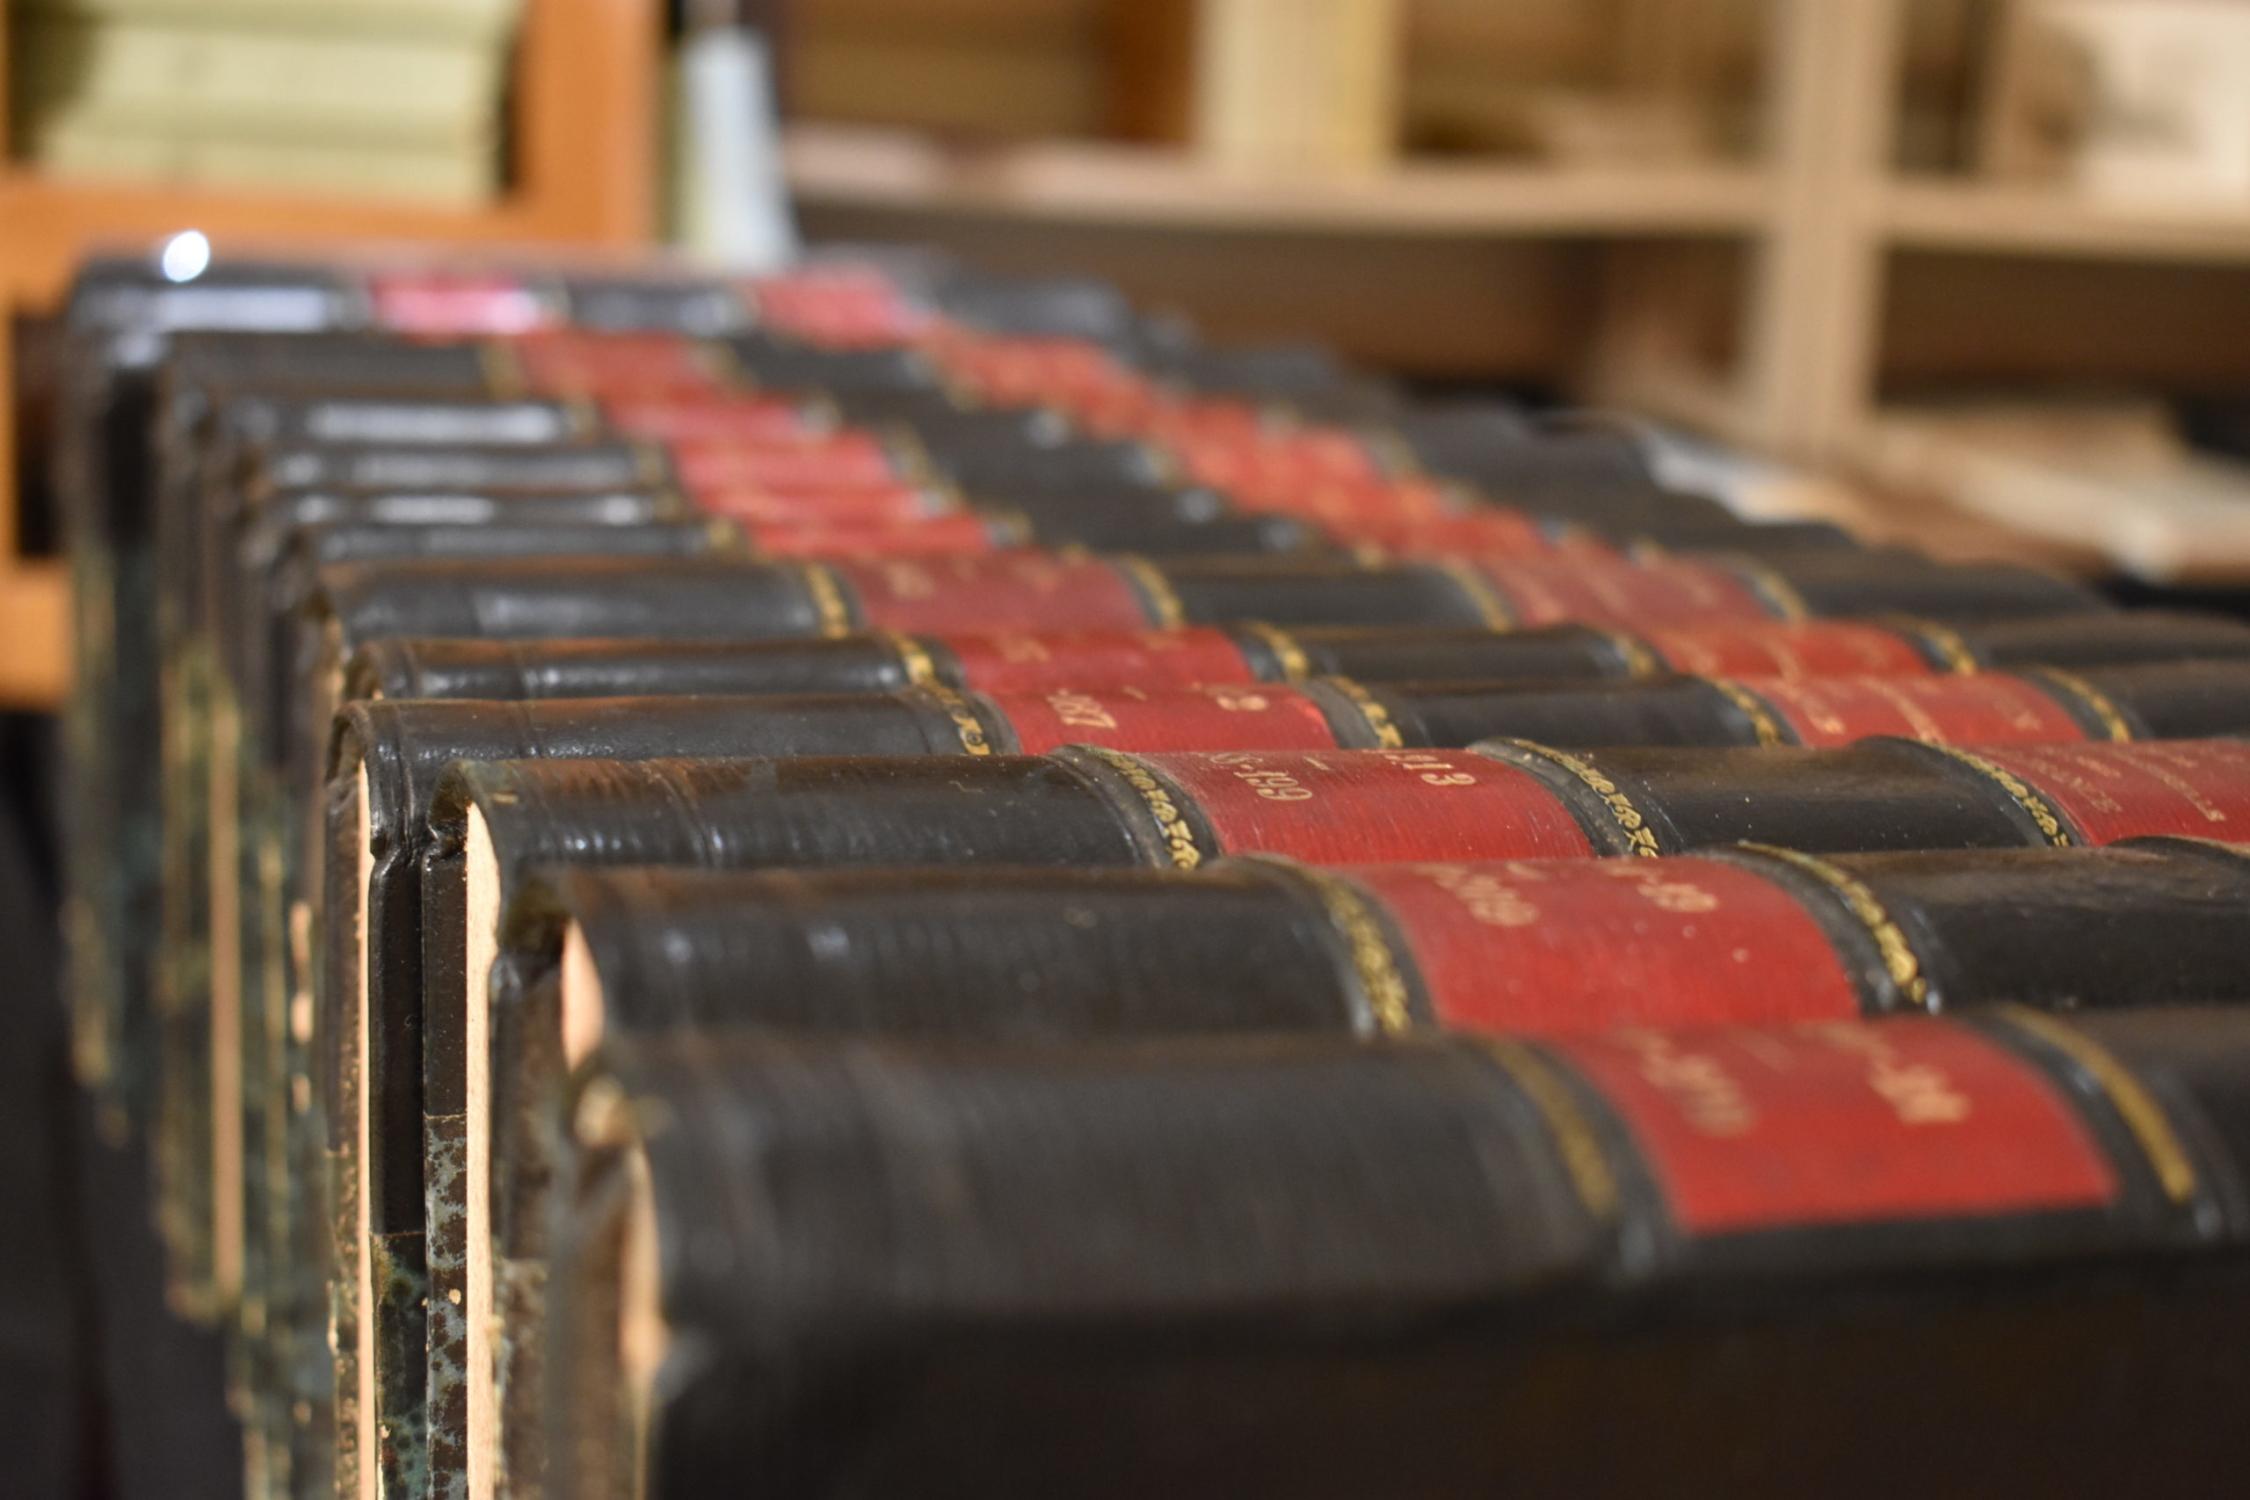 Des livres anciens noirs et rouges